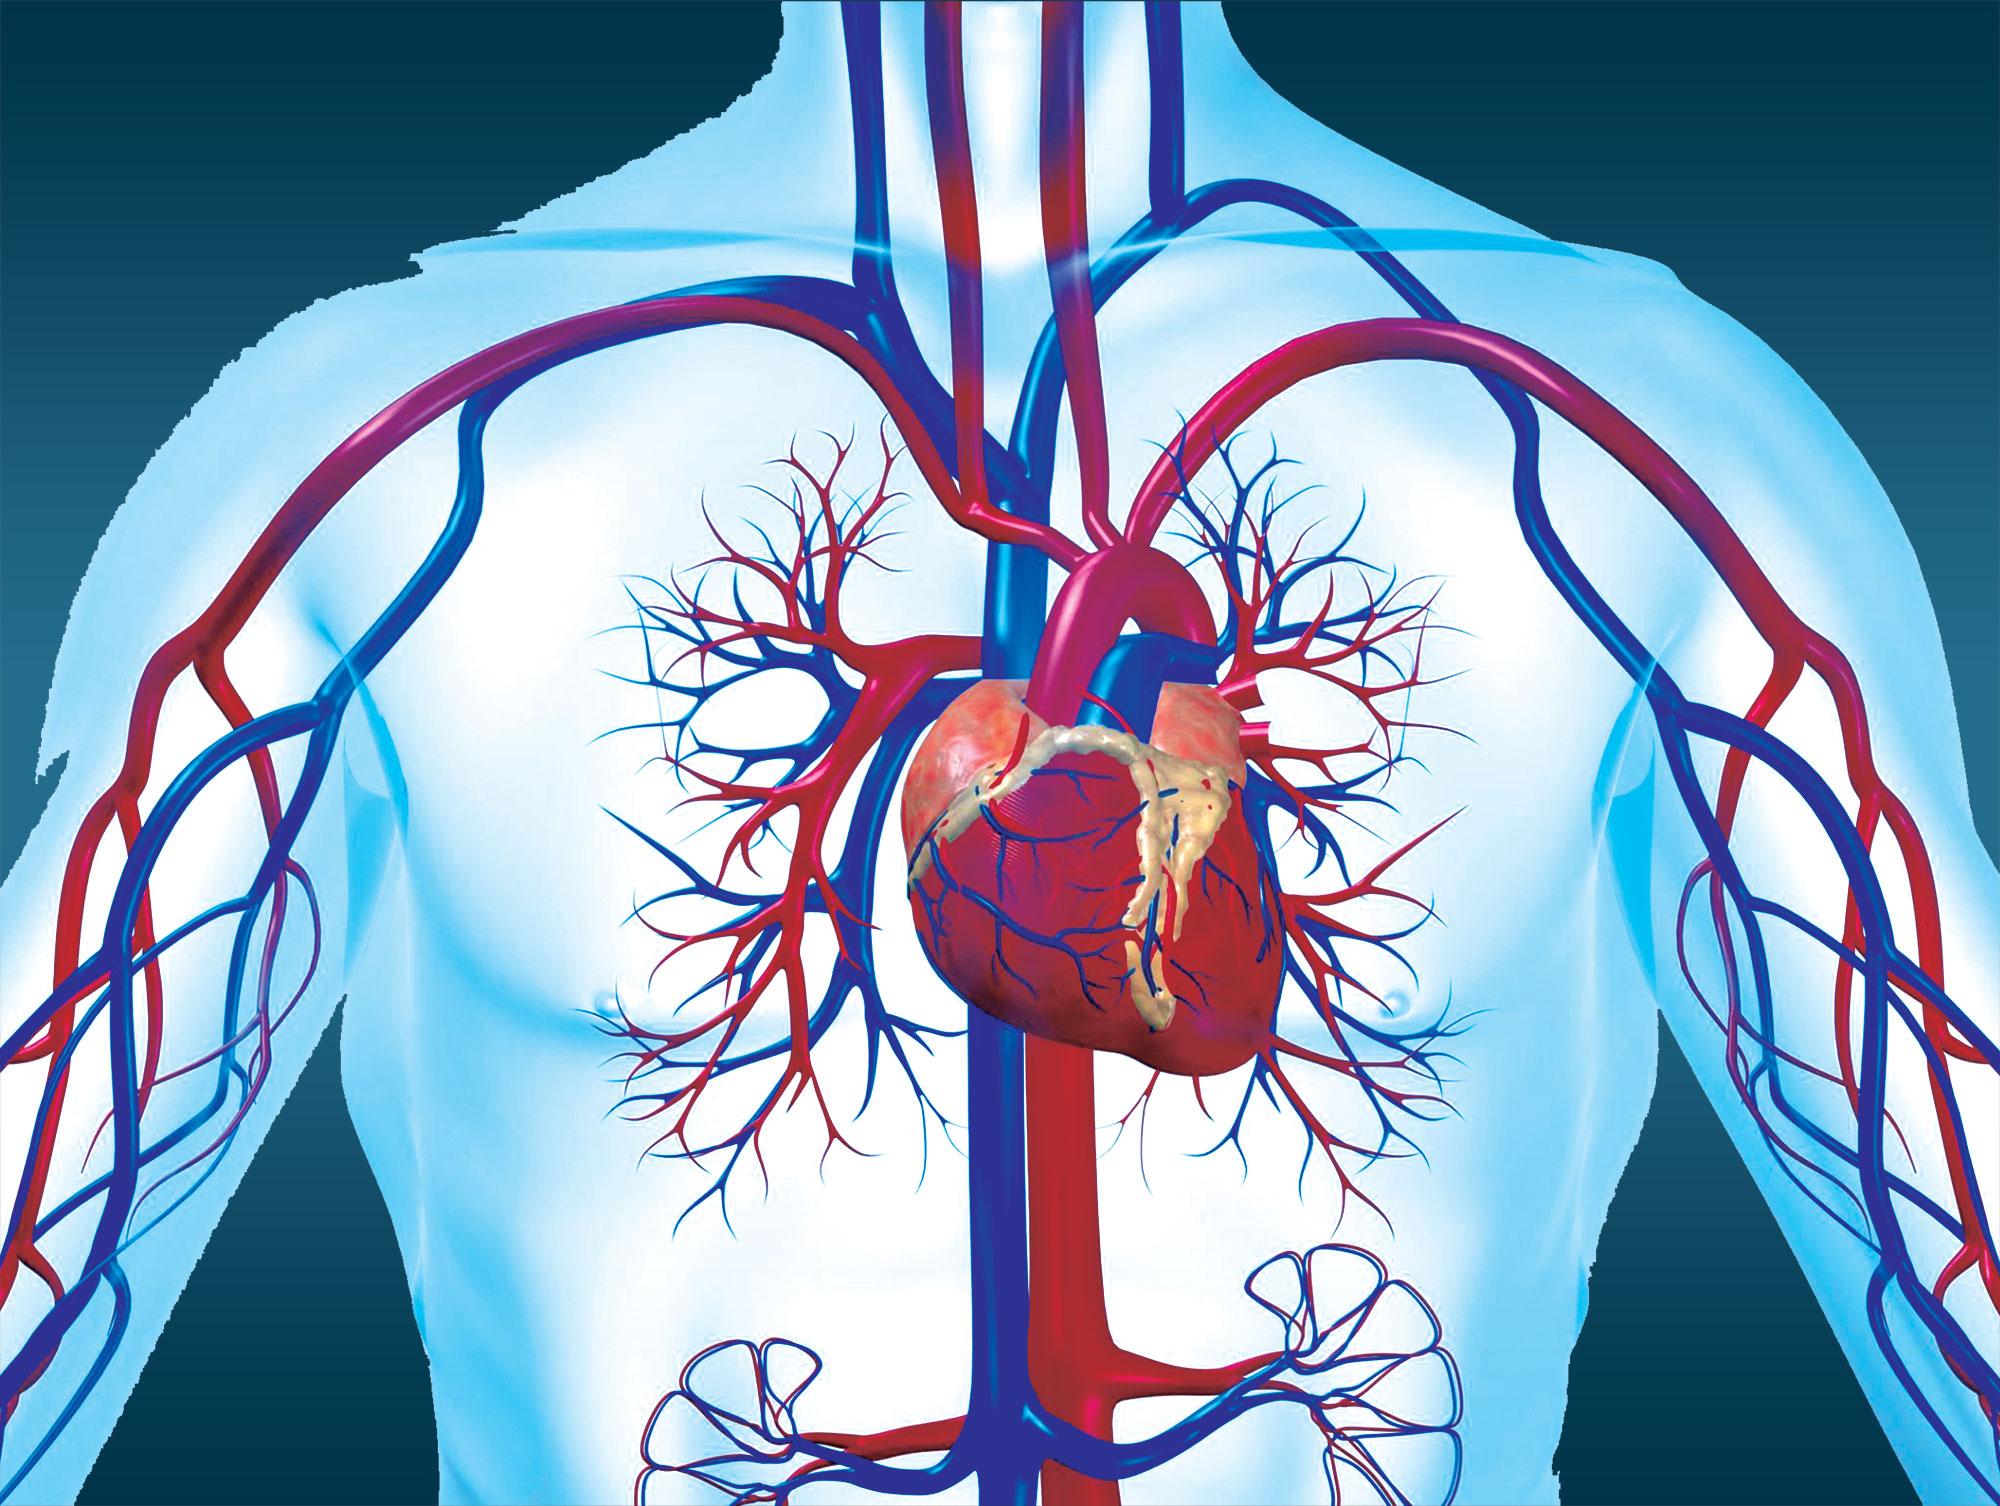 تثبيط جينات أمراض القلب يمنع تراكم الدهون على الشرايين